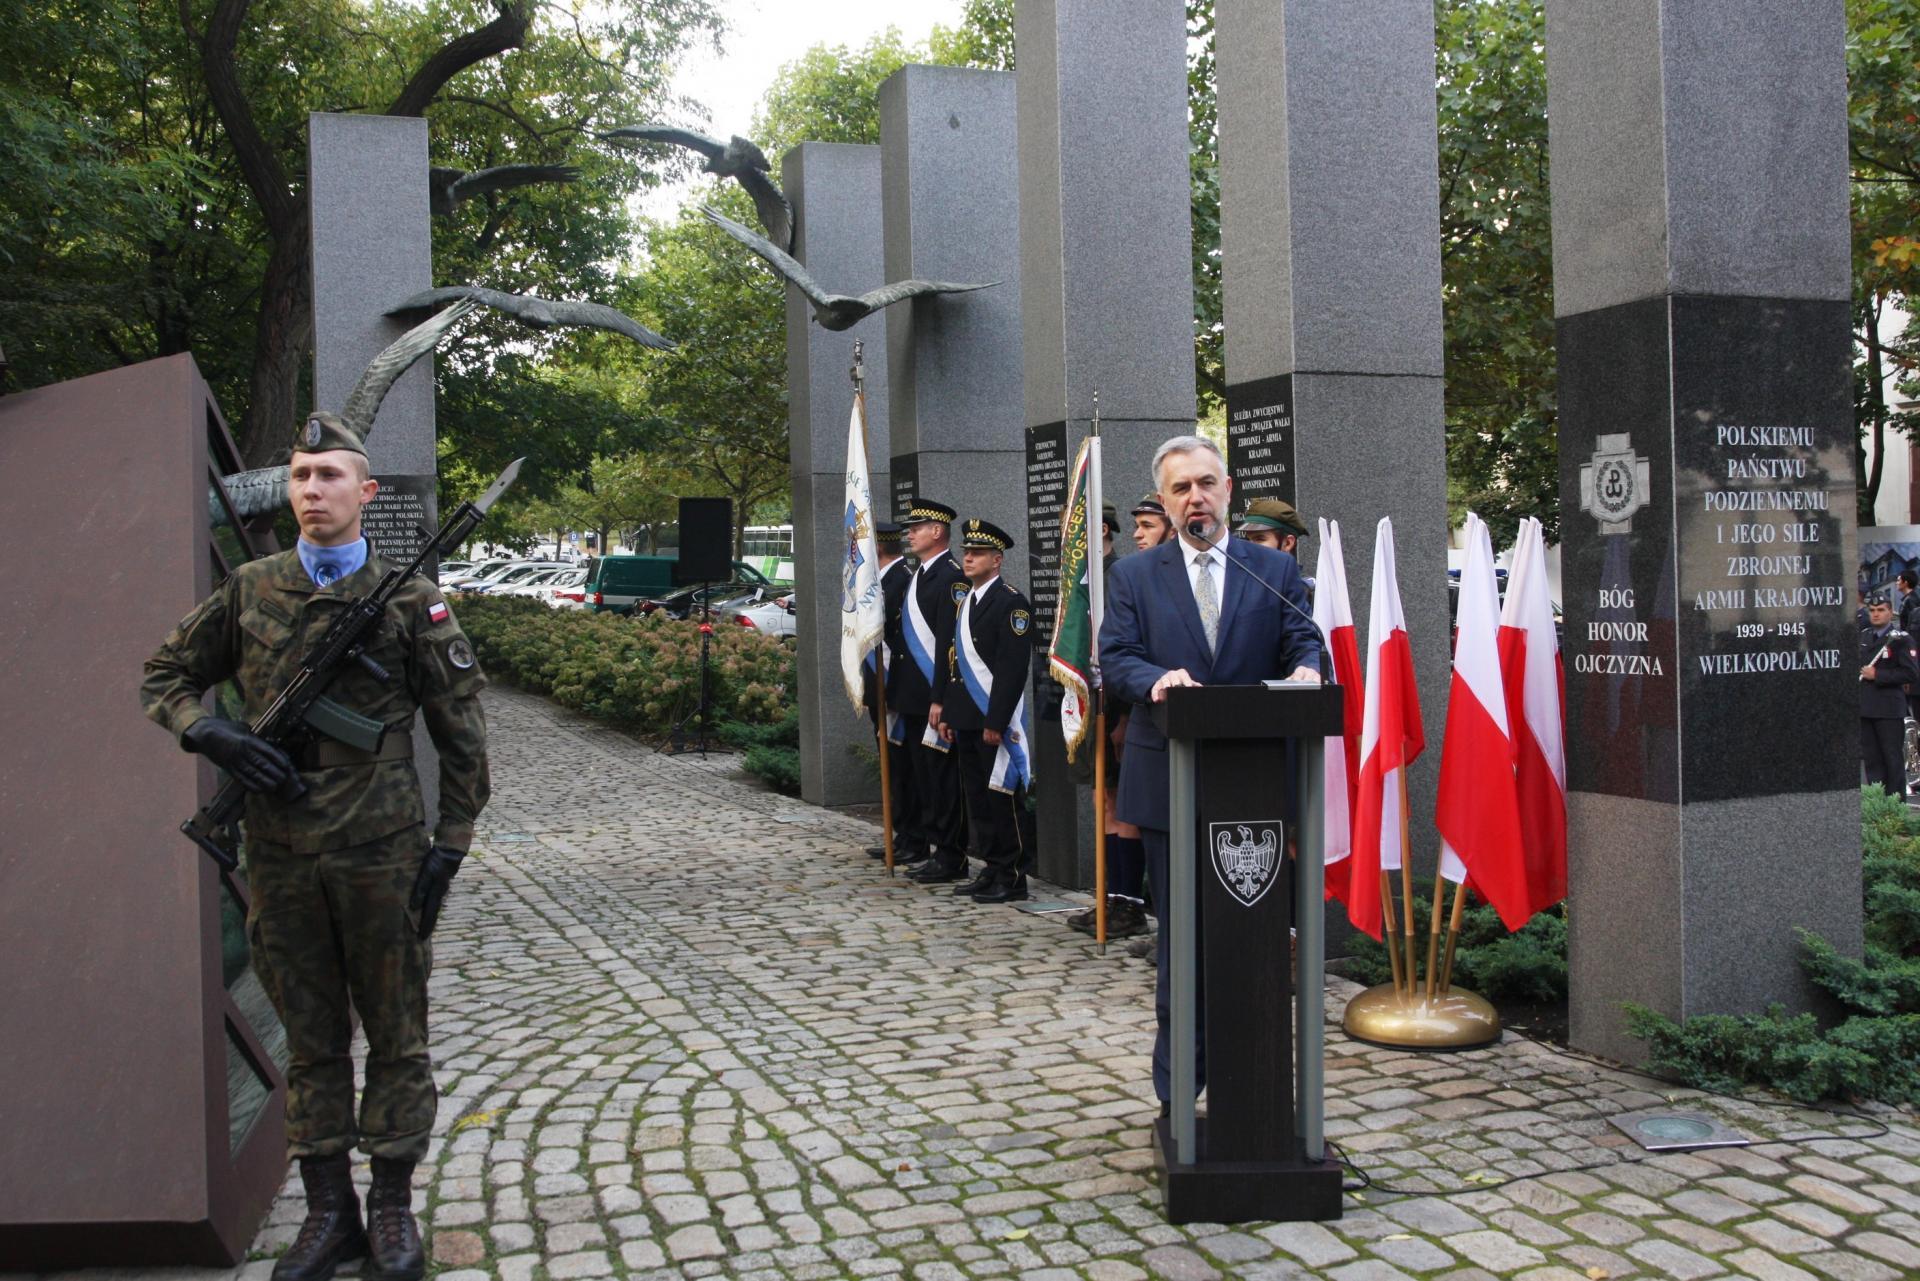 Marszałek: Odpowiedzialność spoczywa na każdym z nas. Uczciliśmy 82. rocznicę powstania Polskiego Państwa Podziemnego - zobacz więcej